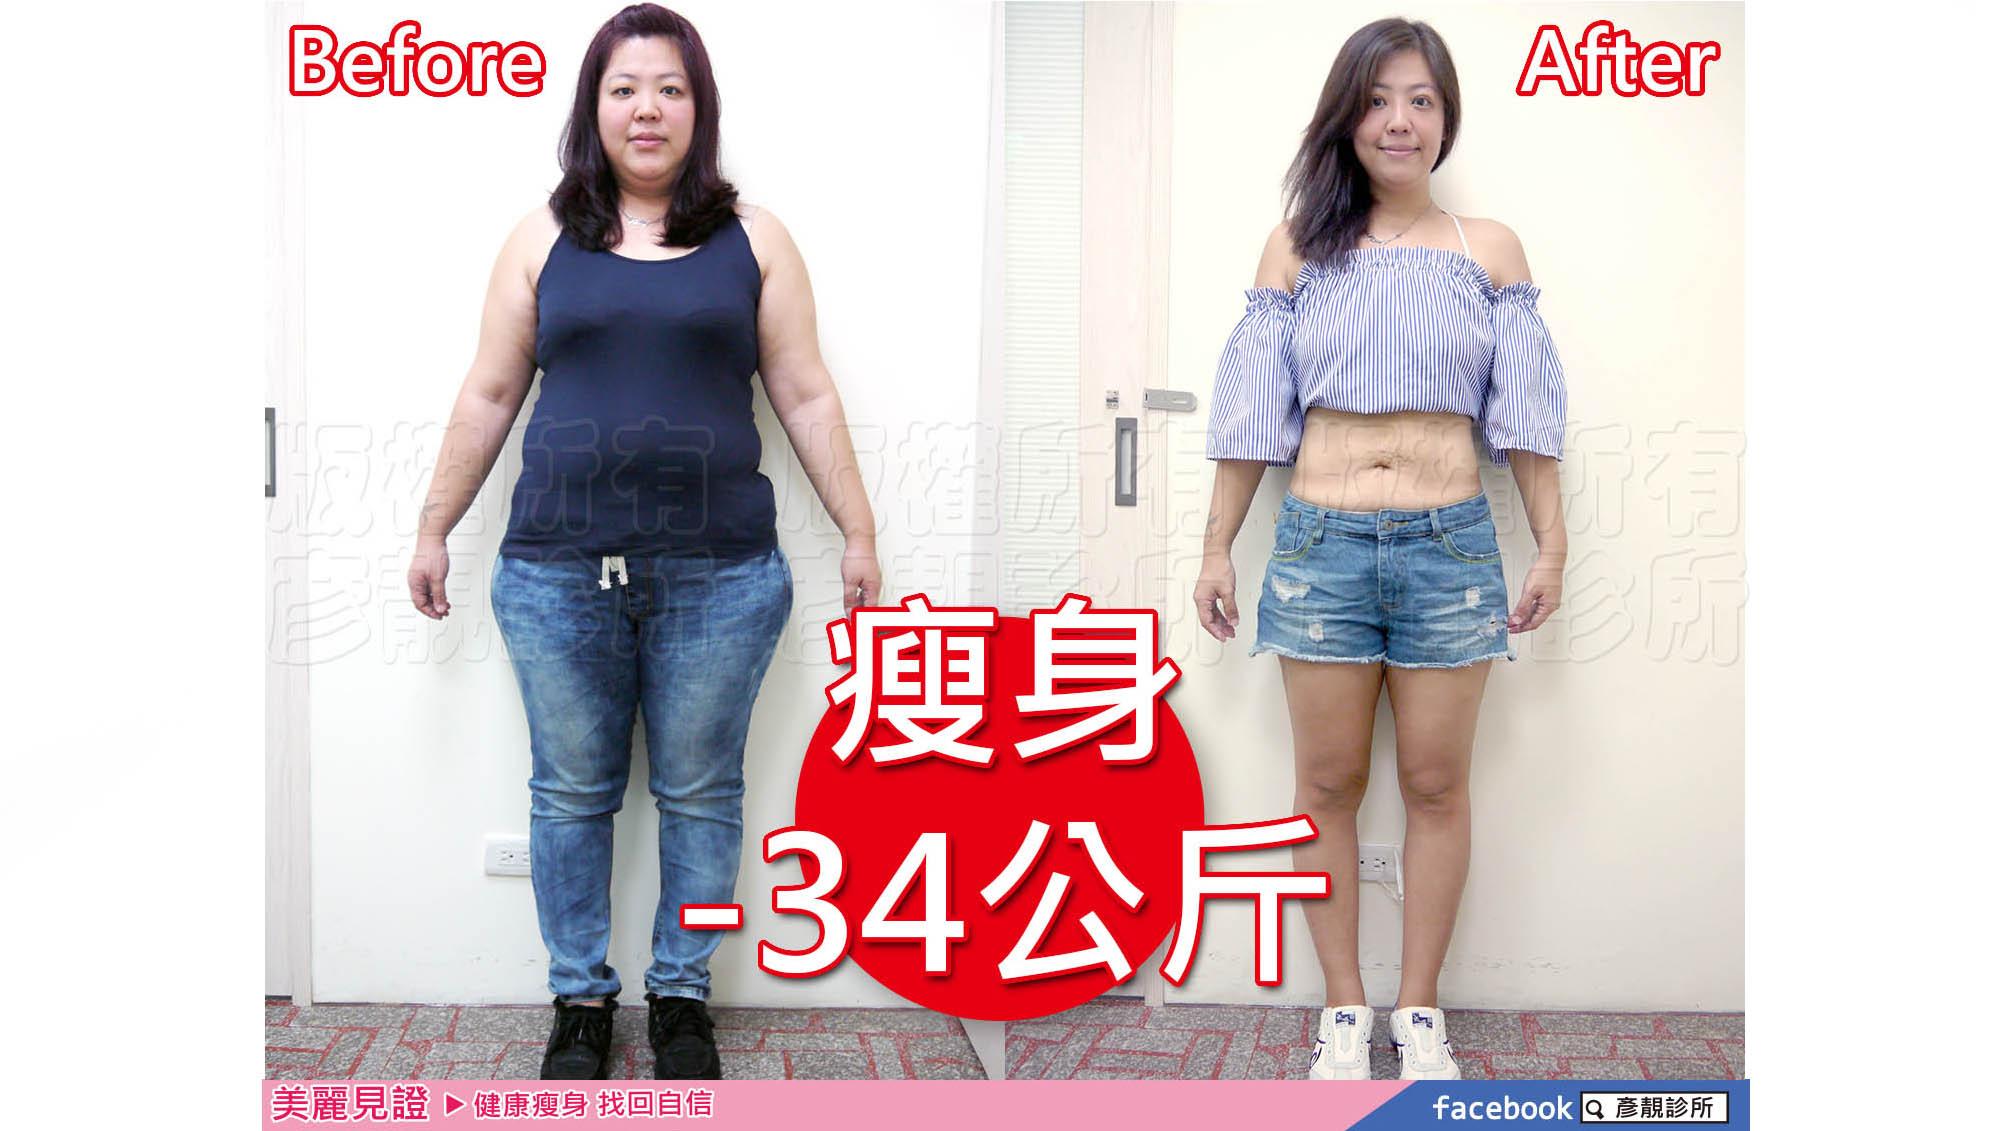 【減重瘦身】酪梨型肥胖身材成功瘦身-34公斤,大象腿都變瘦了